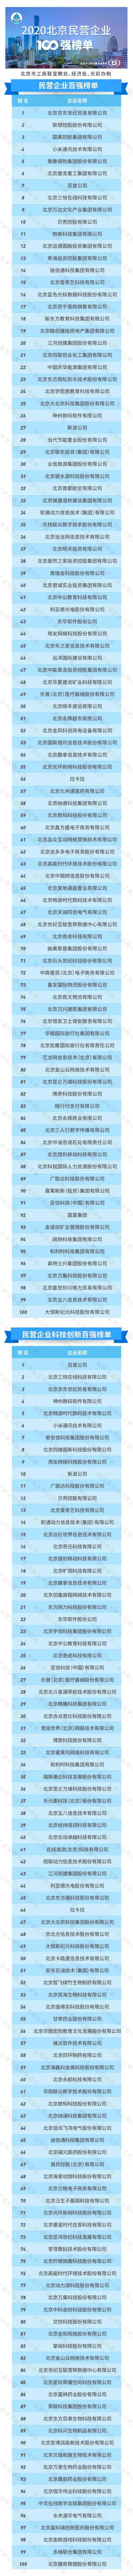 """全名单来了!北京民营企业""""1+4""""百强榜单出炉图片"""